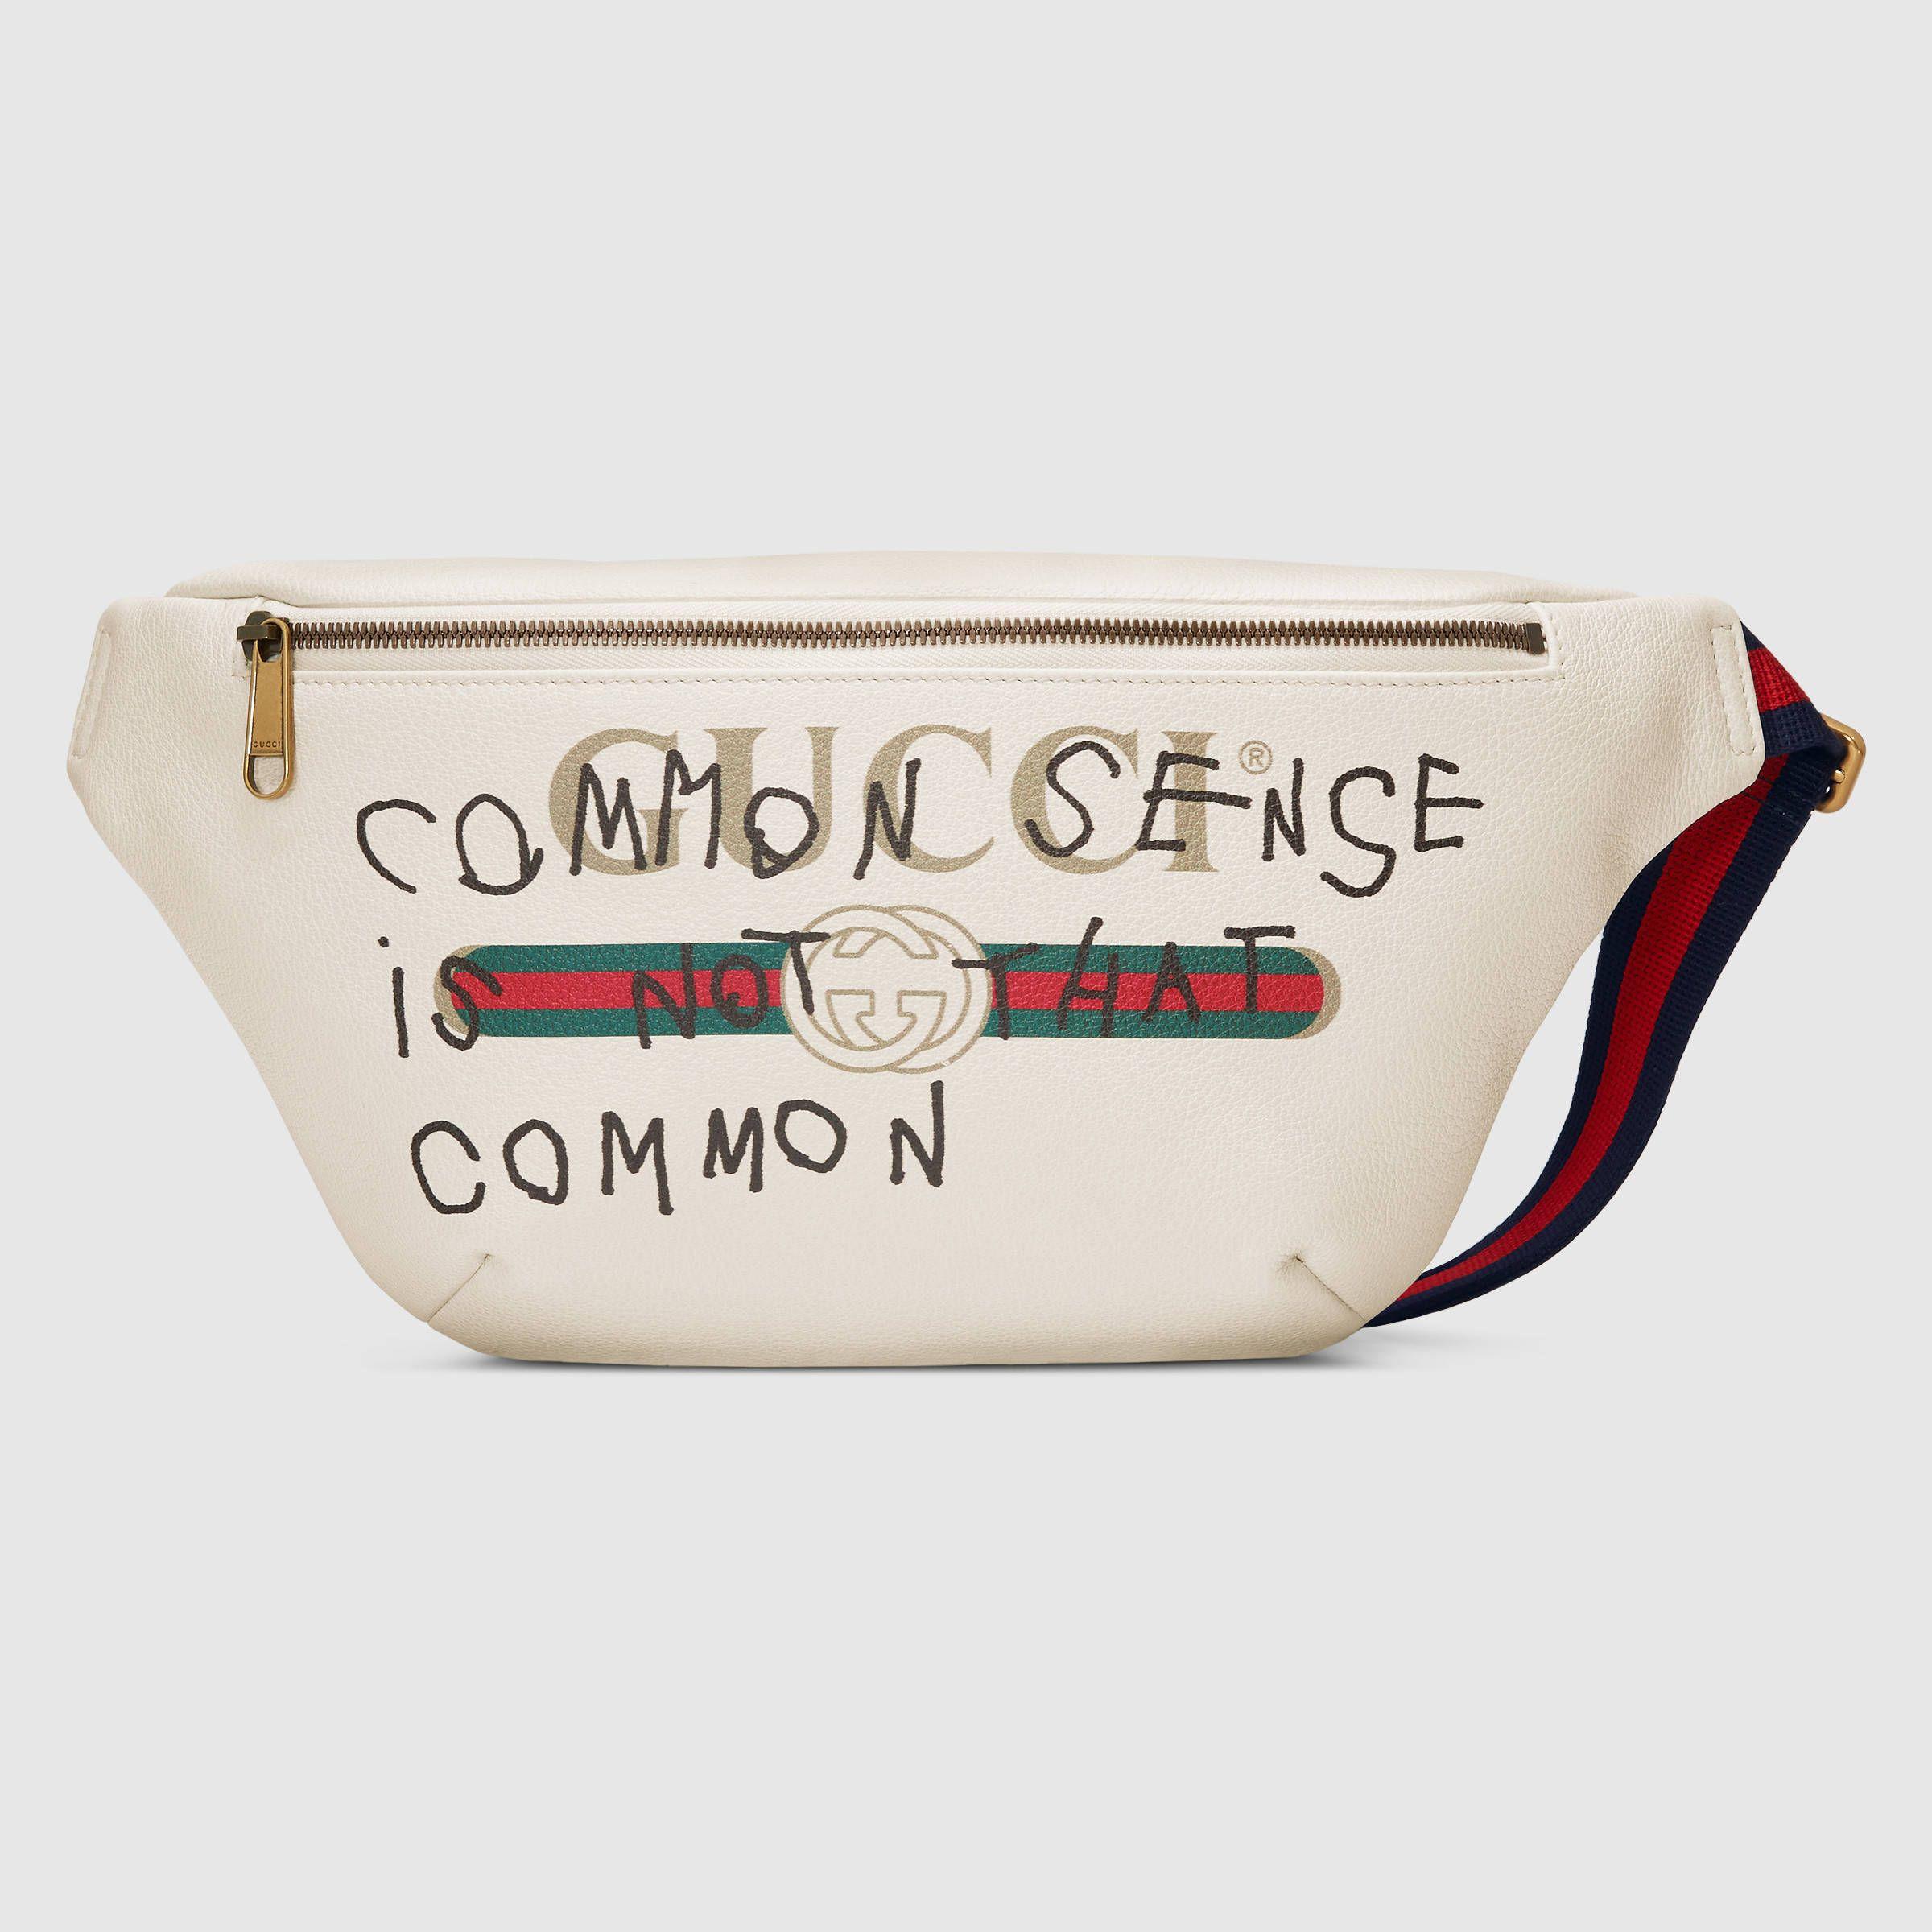 aa87e95c5 Gucci Coco Capitán logo belt bag   Bag   Gucci handbags, Gucci, Bags